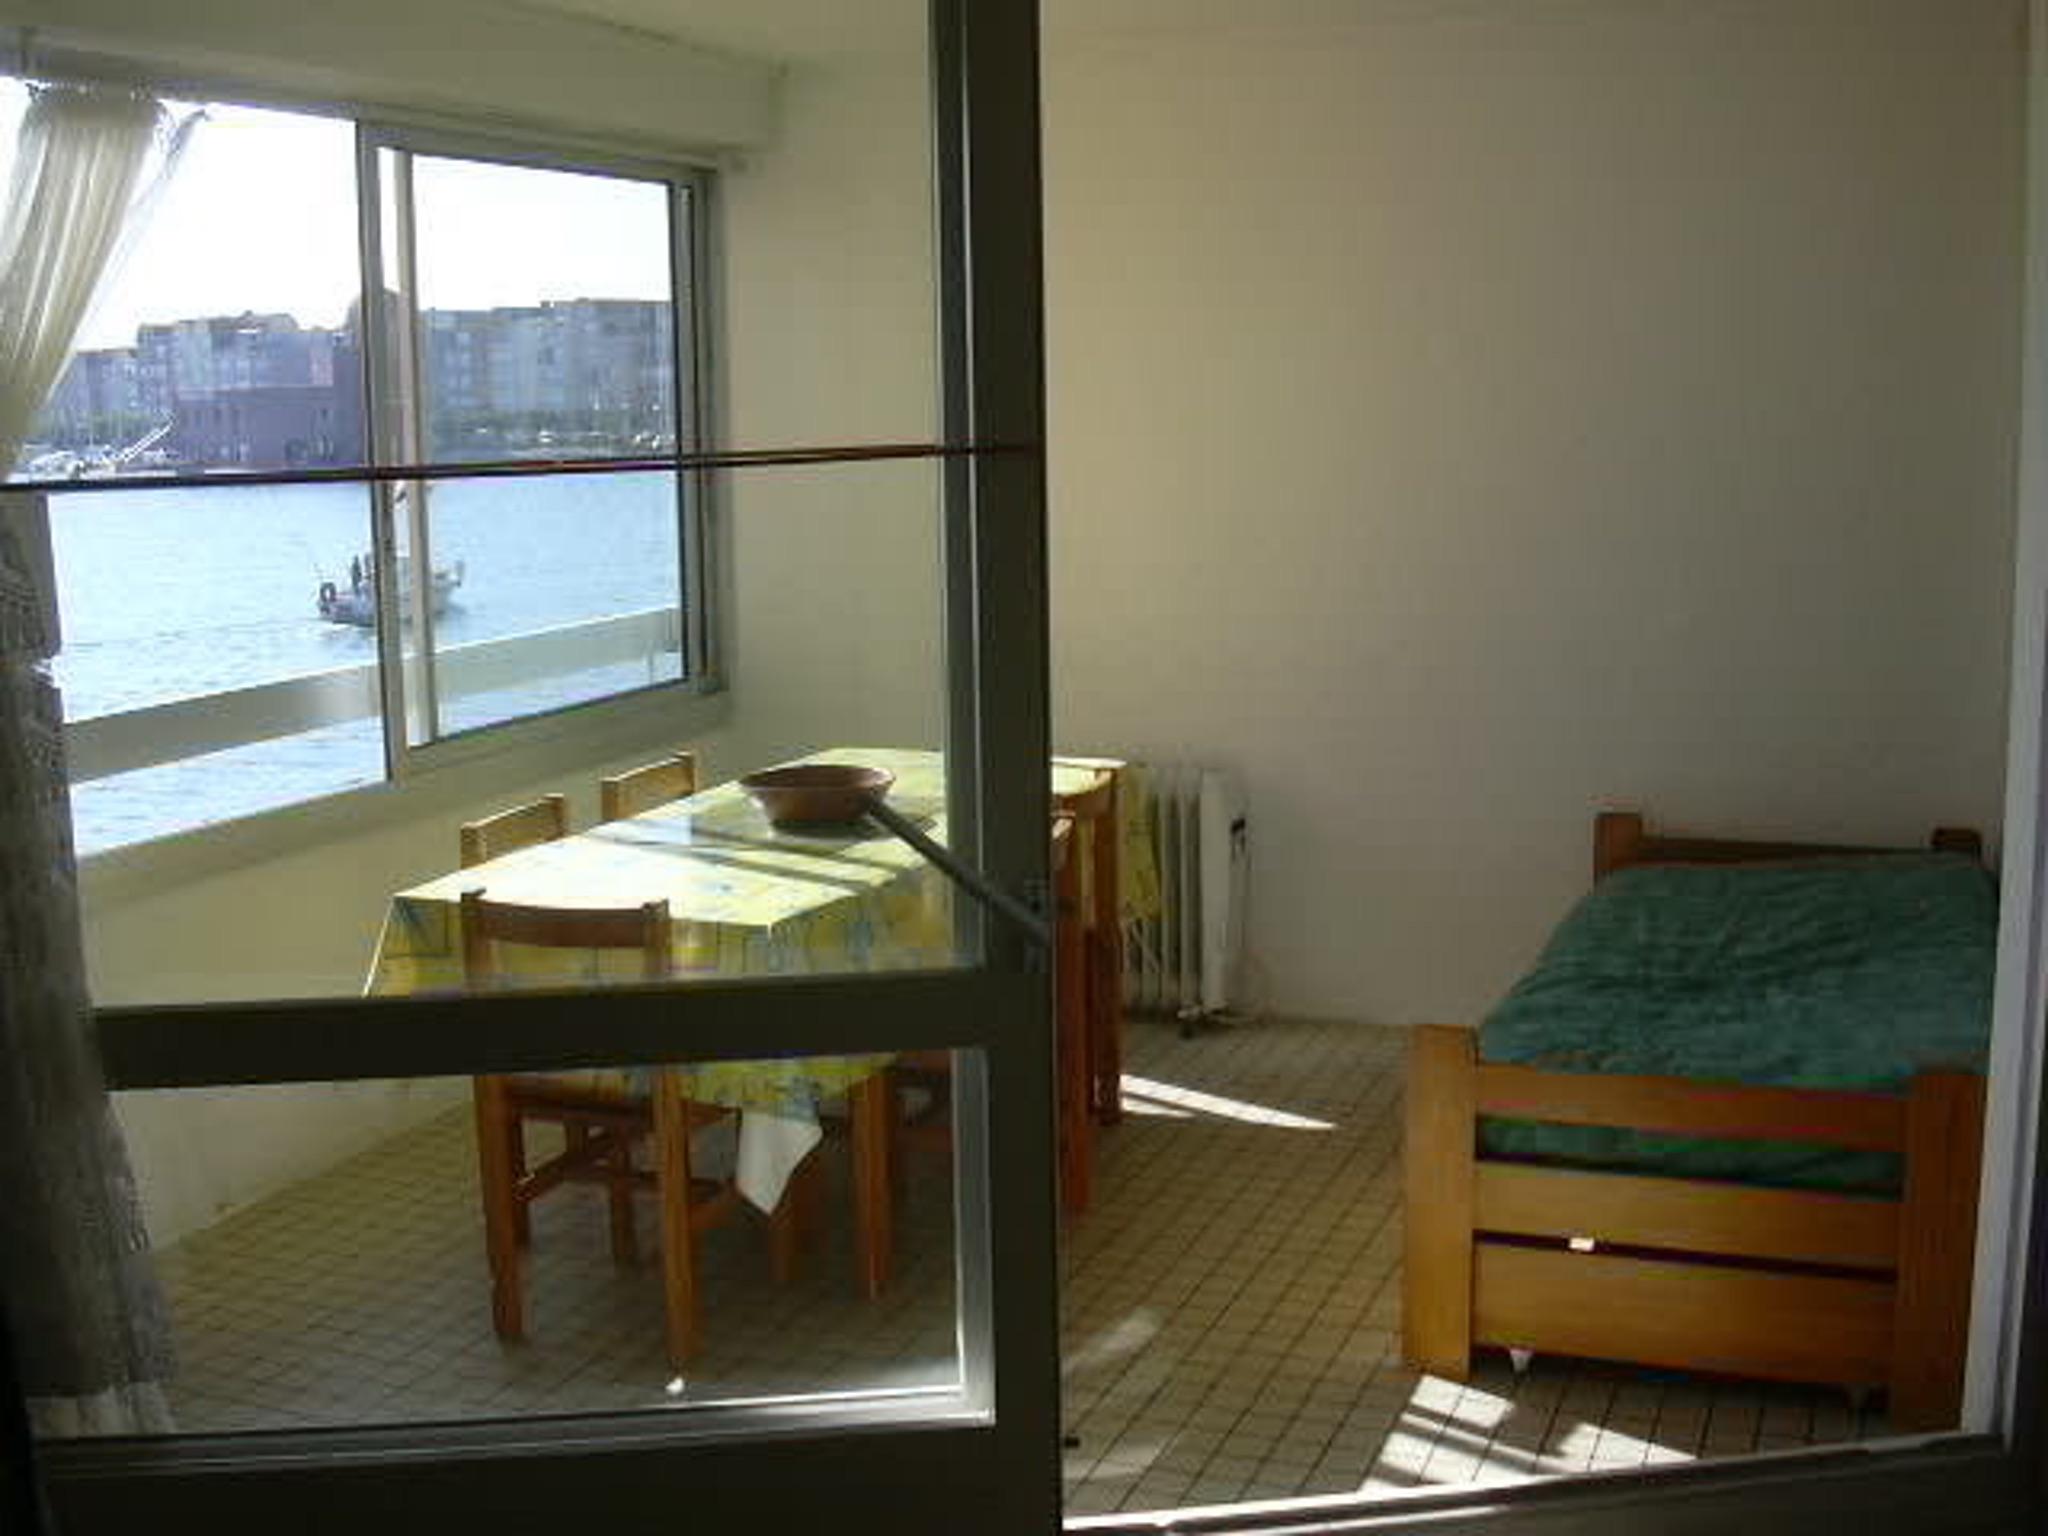 Ferienwohnung Wohnung mit einem Zimmer in Gruissan mit herrlichem Meerblick und W-LAN - 300 m vom Strand (2339647), Gruissan, Mittelmeerküste Aude, Languedoc-Roussillon, Frankreich, Bild 3